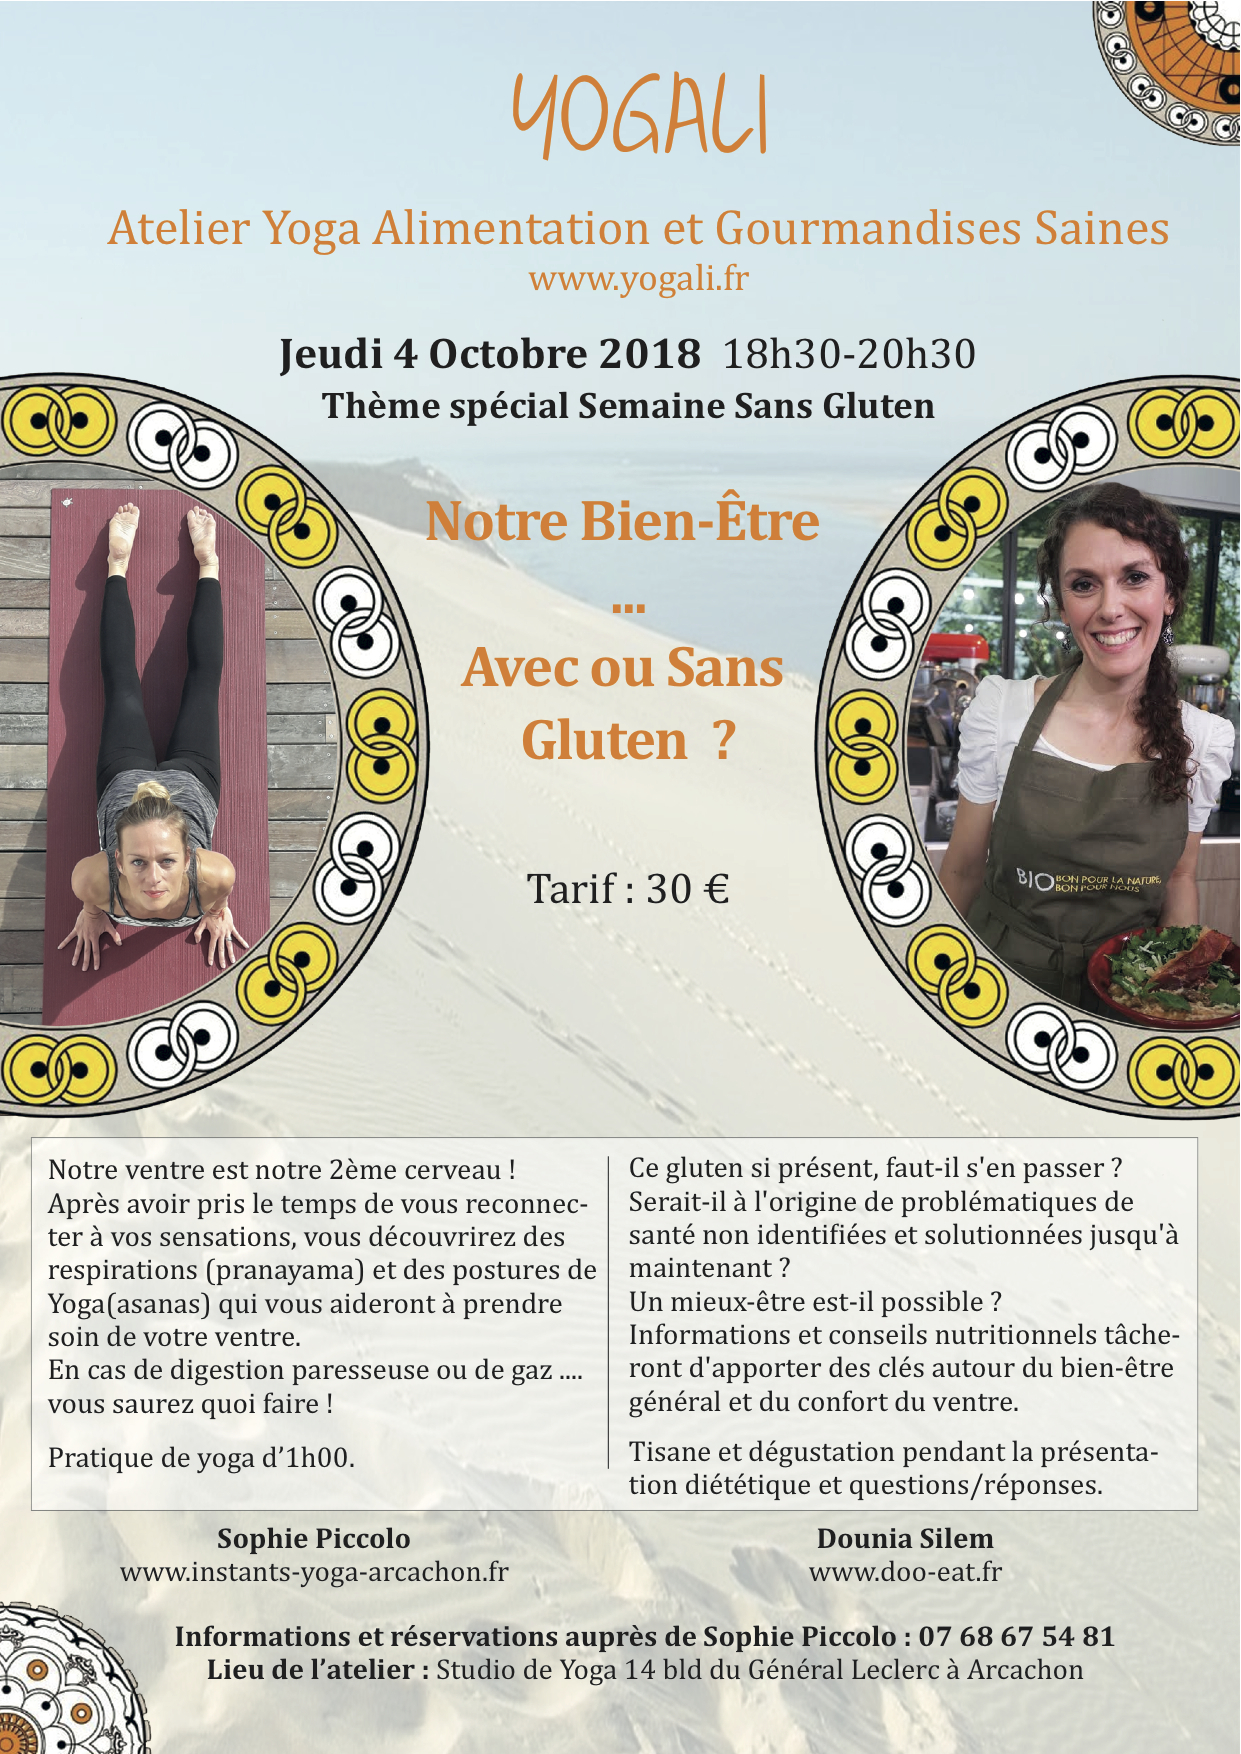 Jeudi 4 Octobre – Atelier Yoga & Alimentation sur le Gluten ! 18h30-20h30